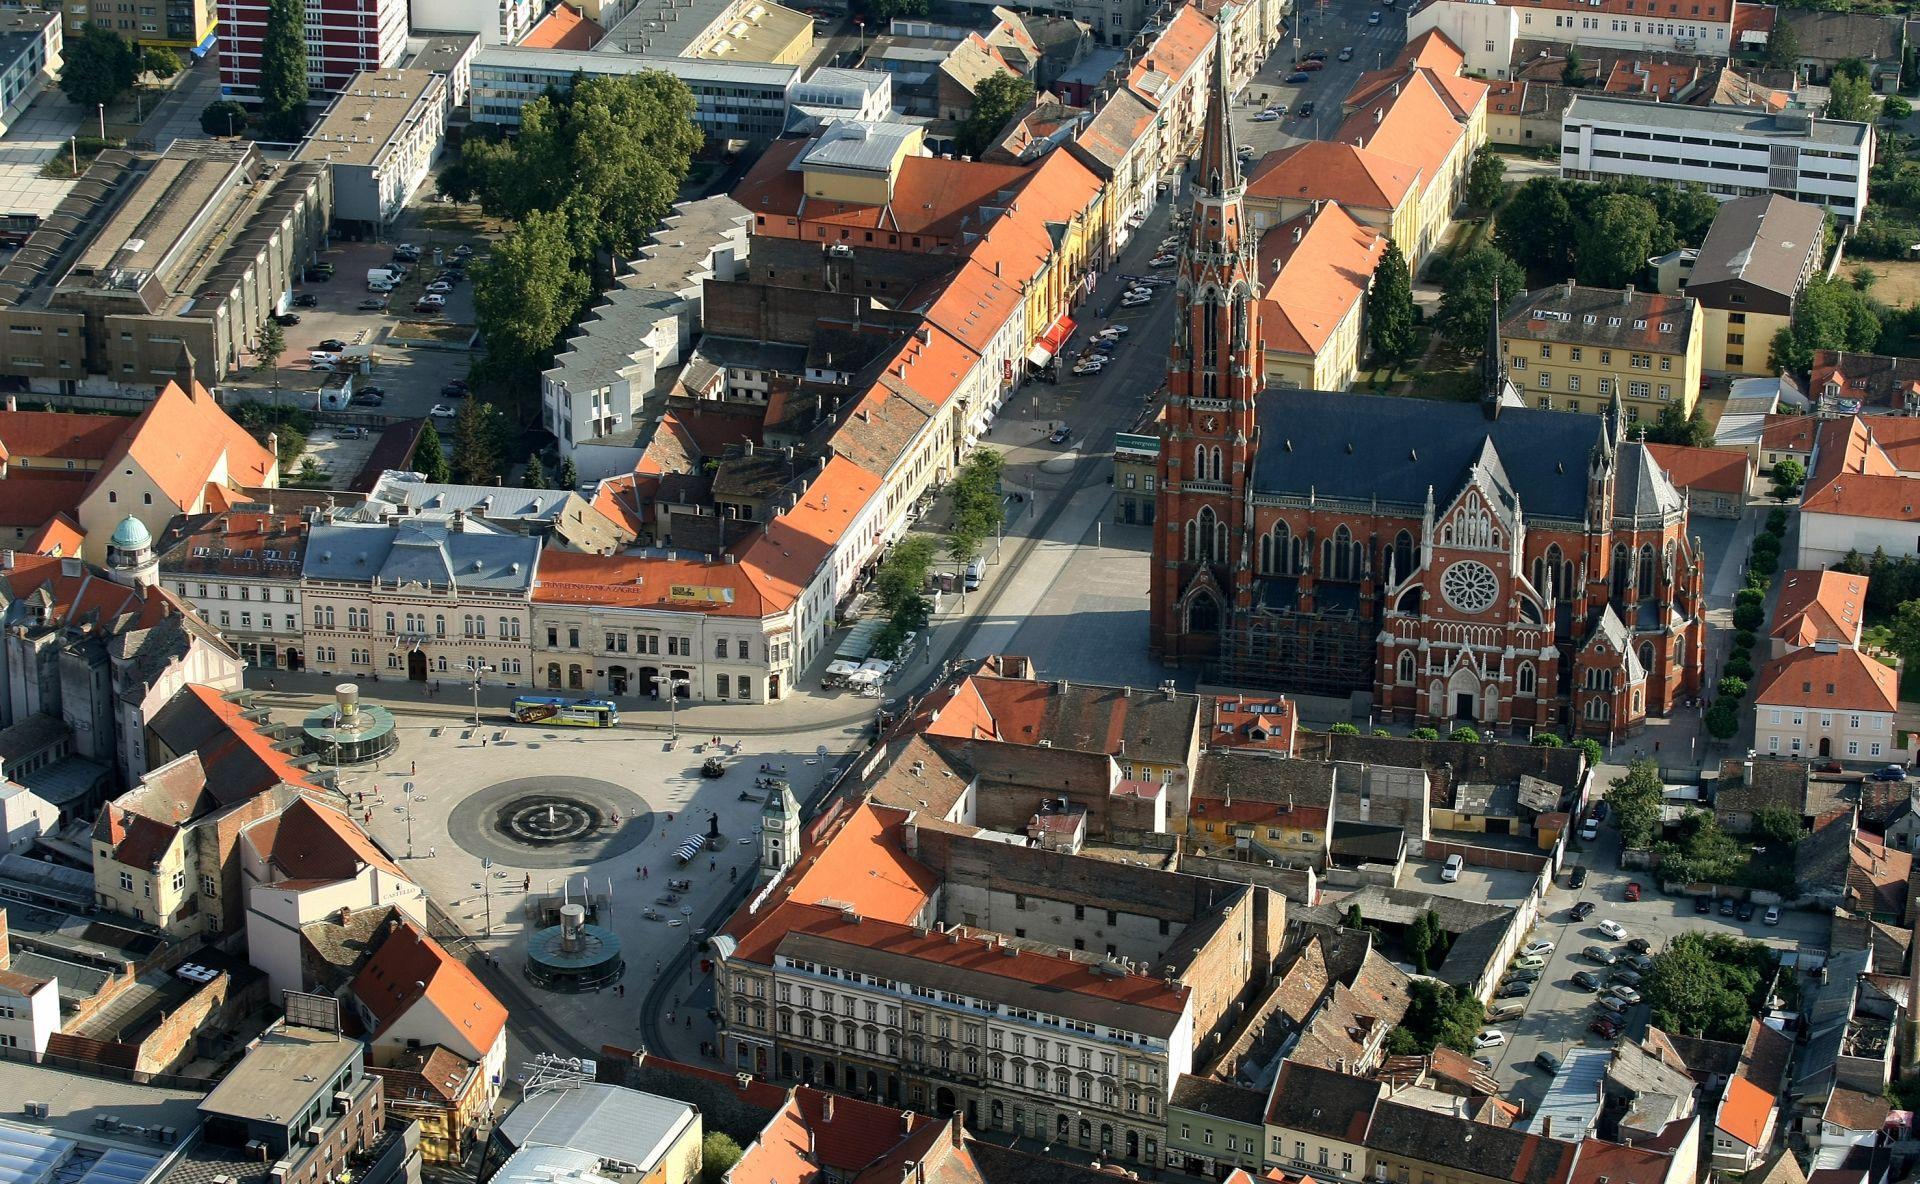 Osijeku u kandidaturi za Europsku prijestolnicu kulture 2020. pomažu slavonski gradovi